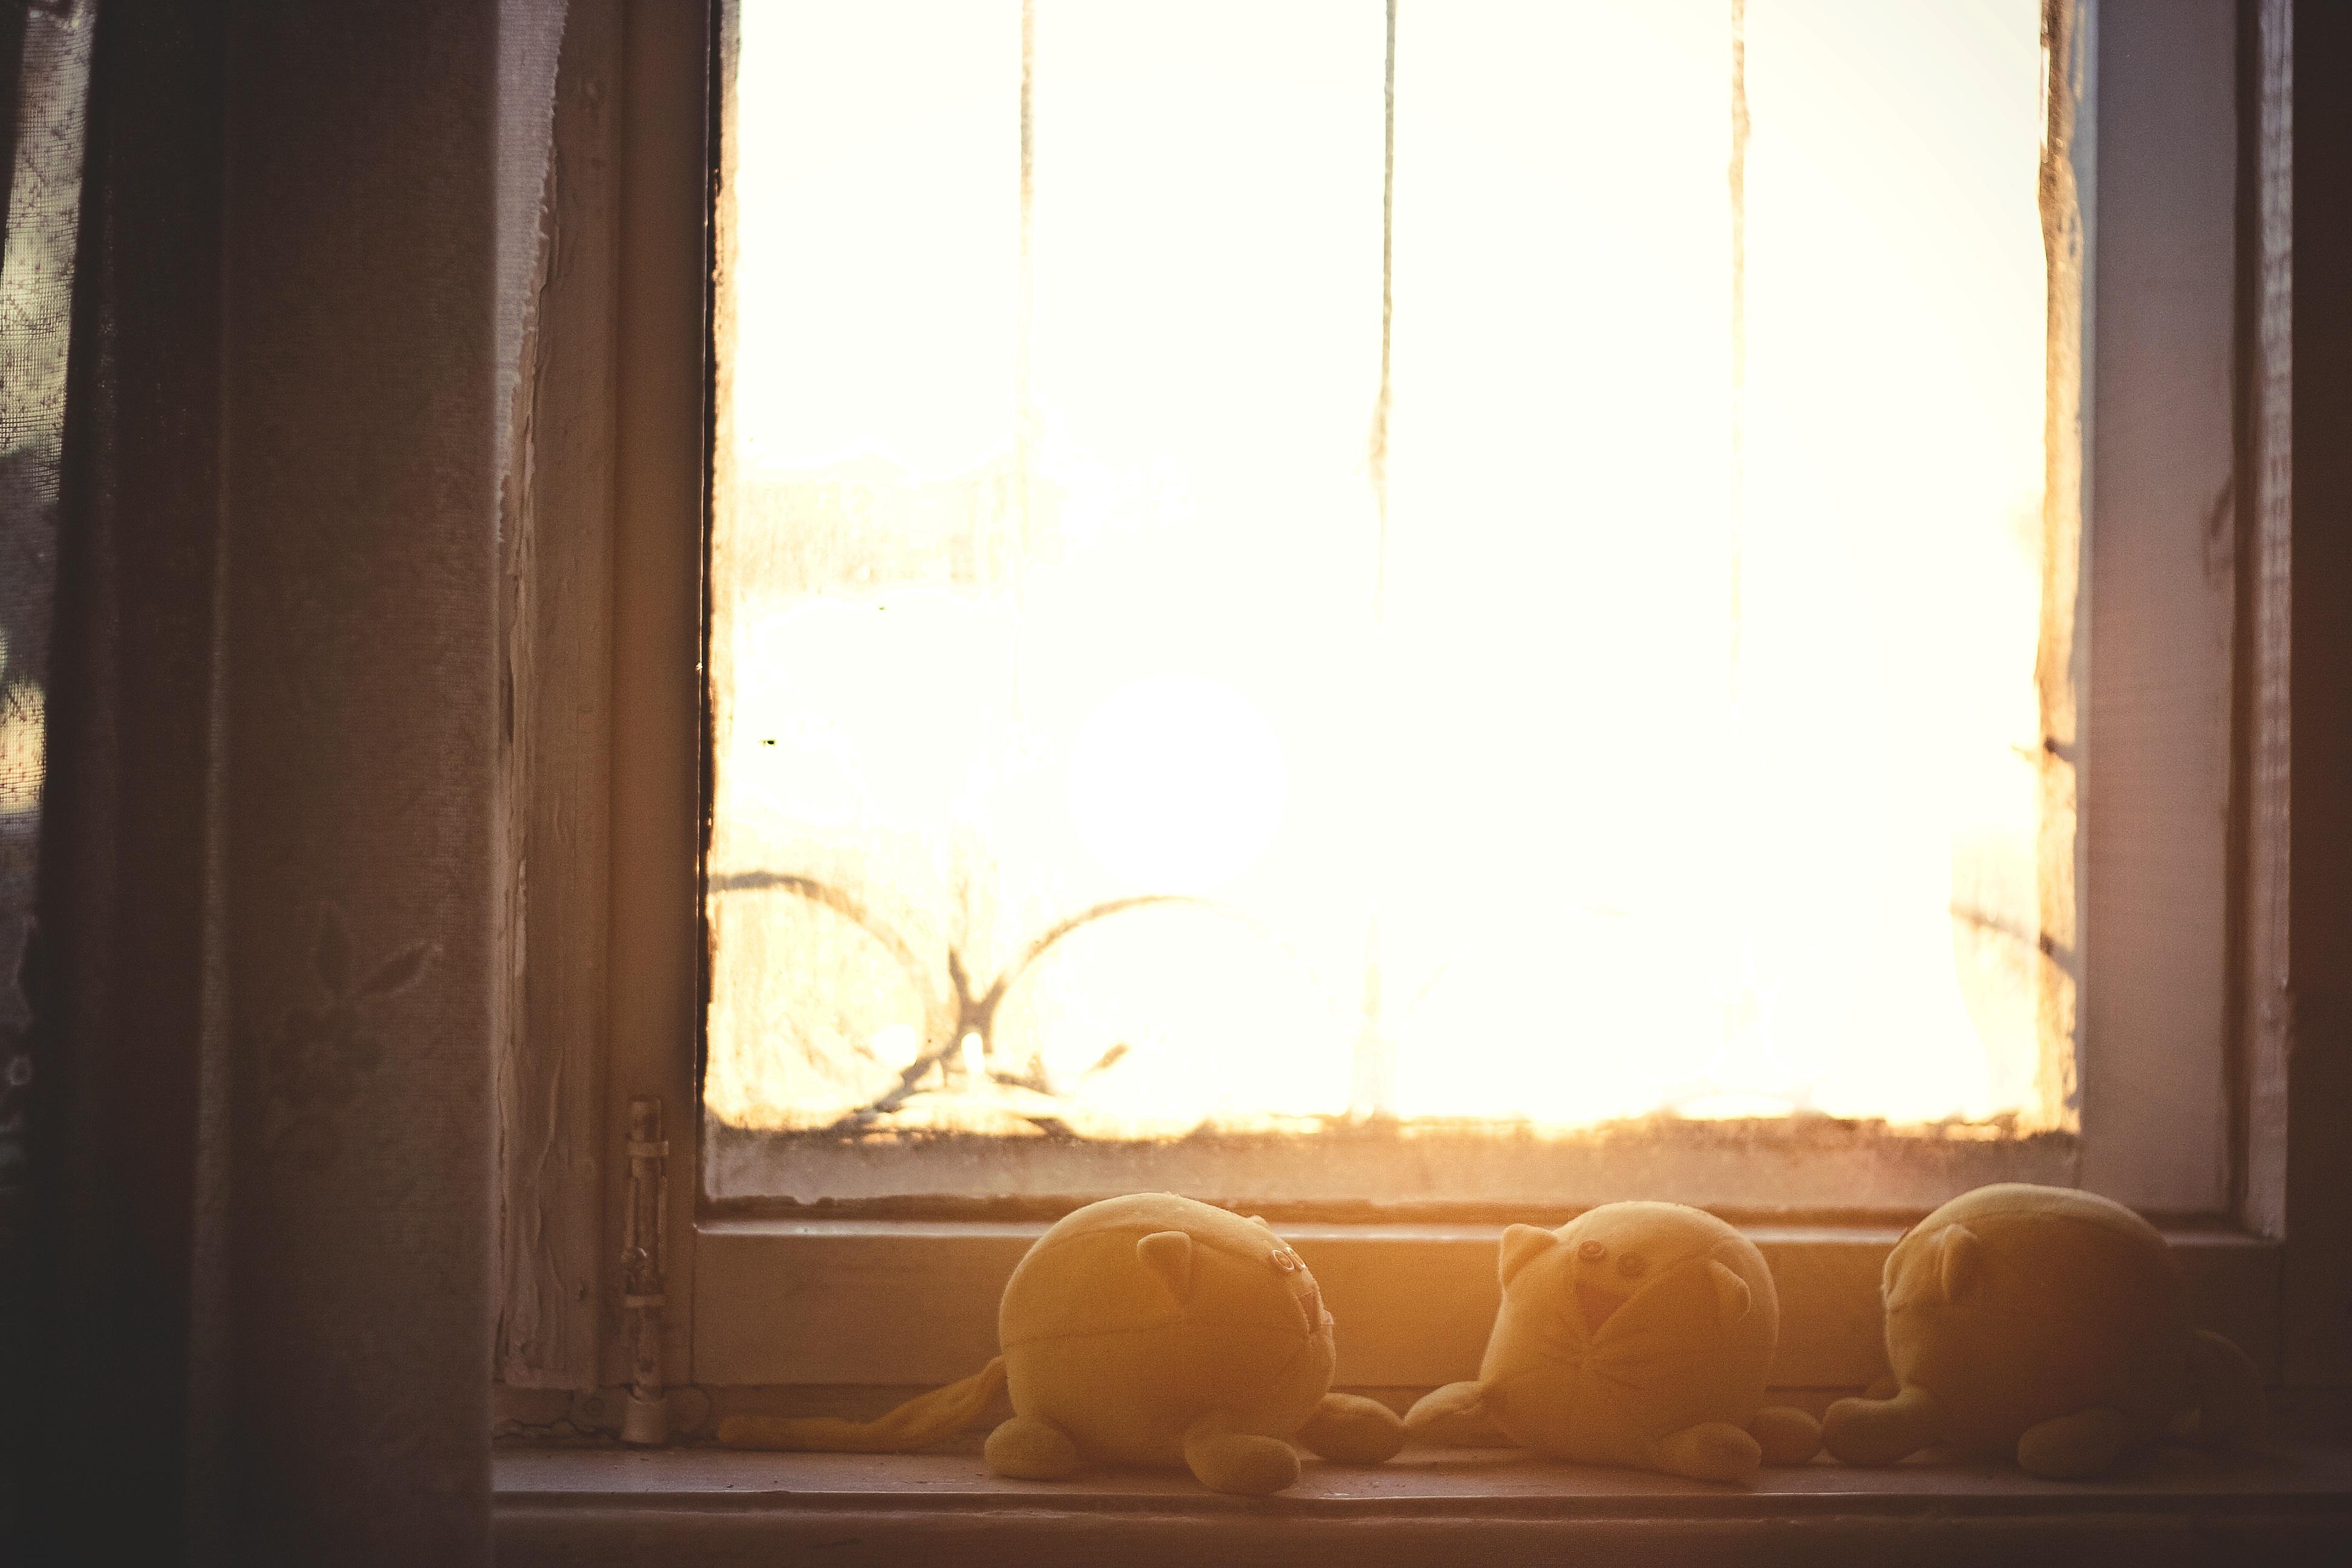 무료 이미지 : 목재, 햇빛, 창문, 벽, 조명, 인테리어 디자인, 사진 ...